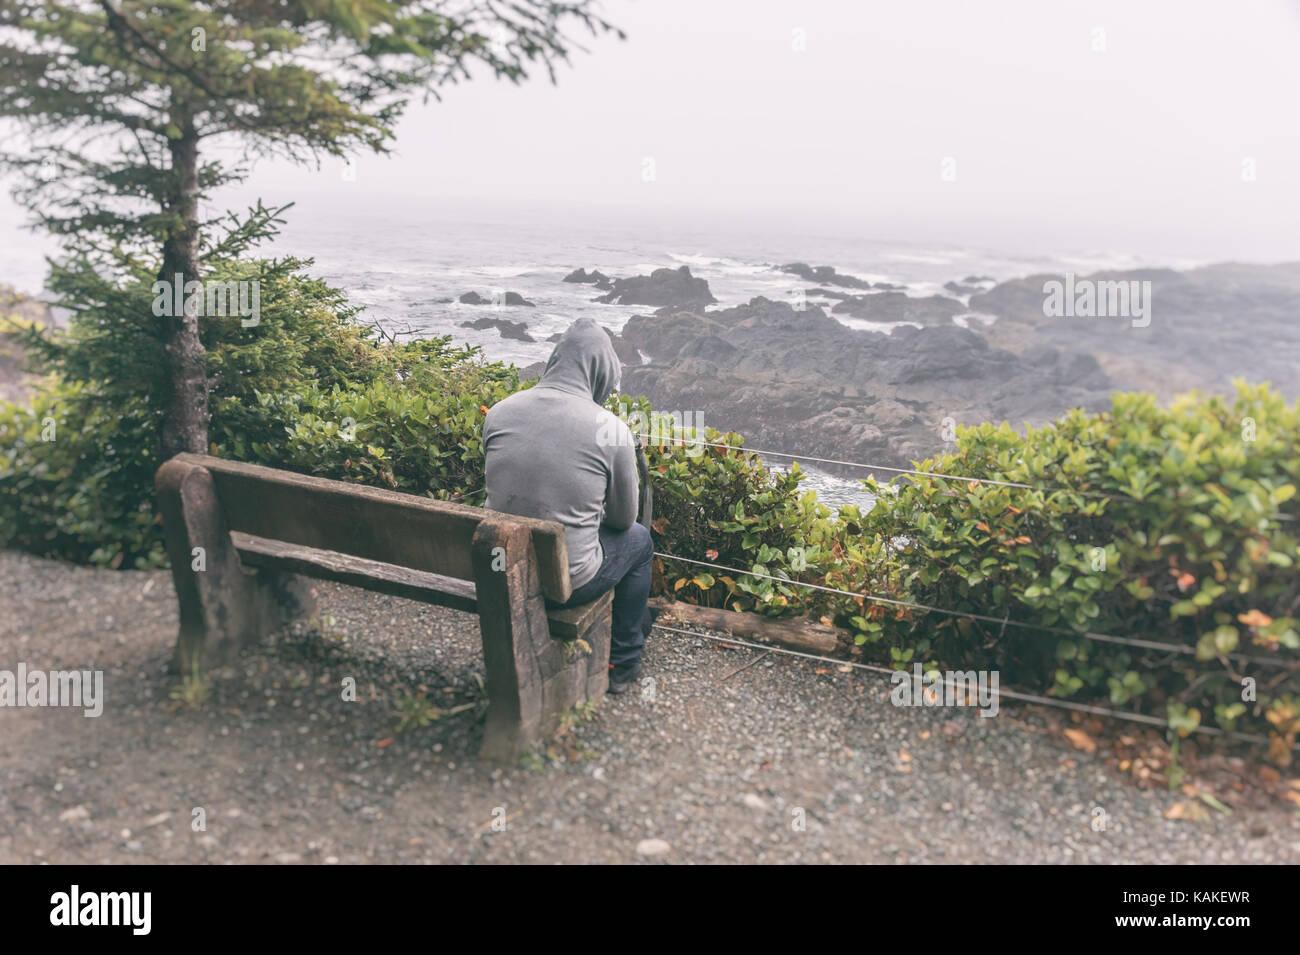 Triste y solitario hombre sentado en un banco con vistas al mar en la isla de Vancouver Imagen De Stock